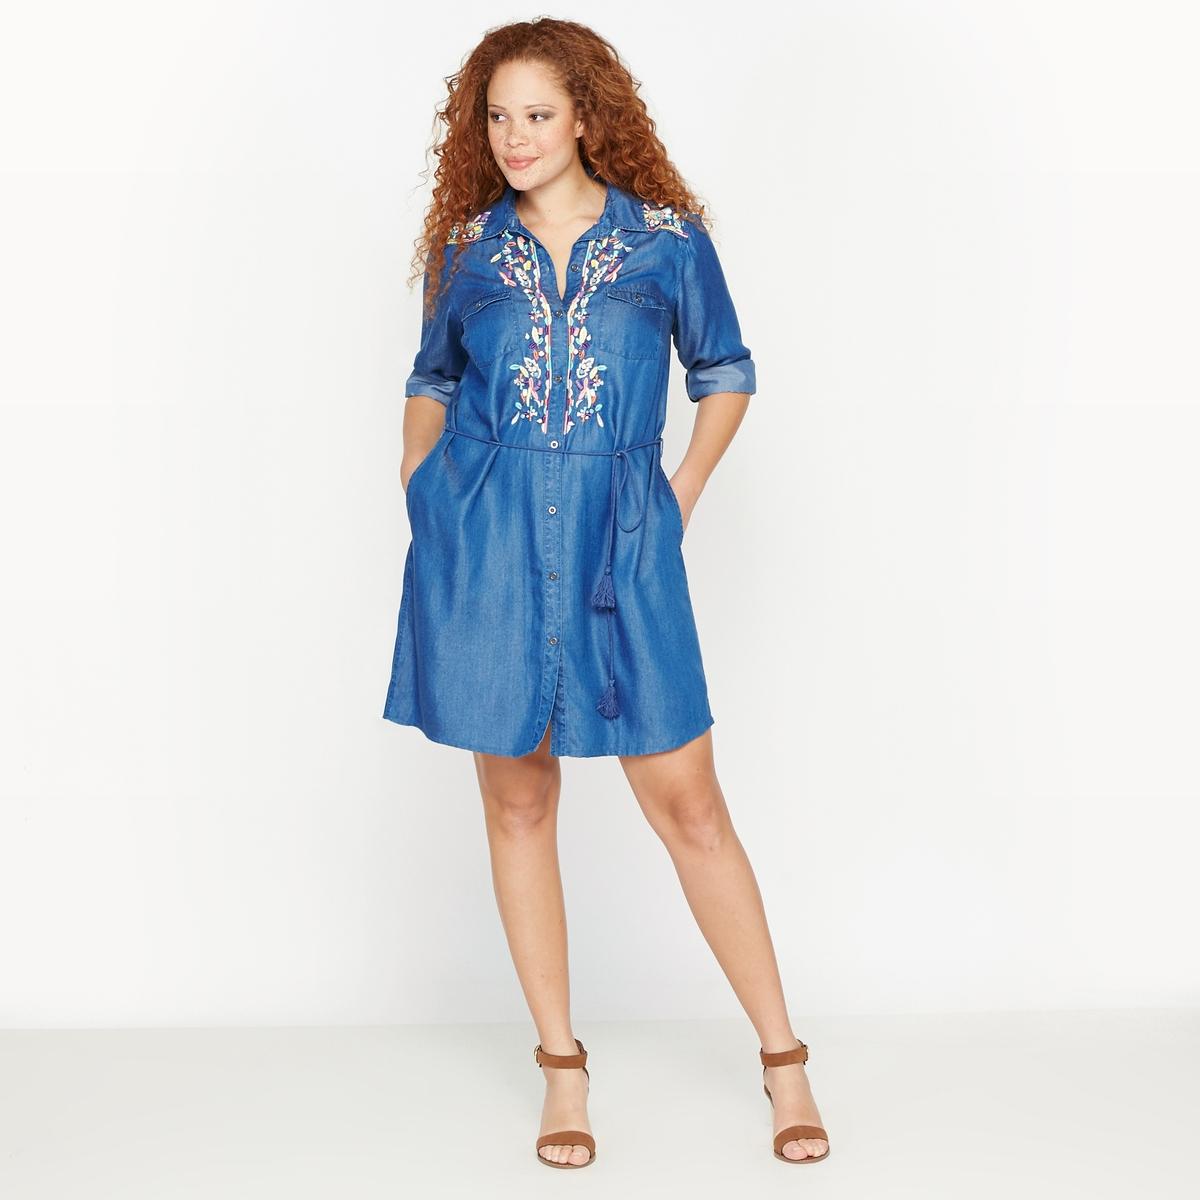 Платье-рубашка с вышивкойСостав и описание :Материал : ткань, 100% лиоцелл.Длина : 98 см для размера 48.Марка : CASTALUNAУход : Машинная стирка при 40 °С.<br><br>Цвет: синий деним<br>Размер: 46 (FR) - 52 (RUS).50 (FR) - 56 (RUS)